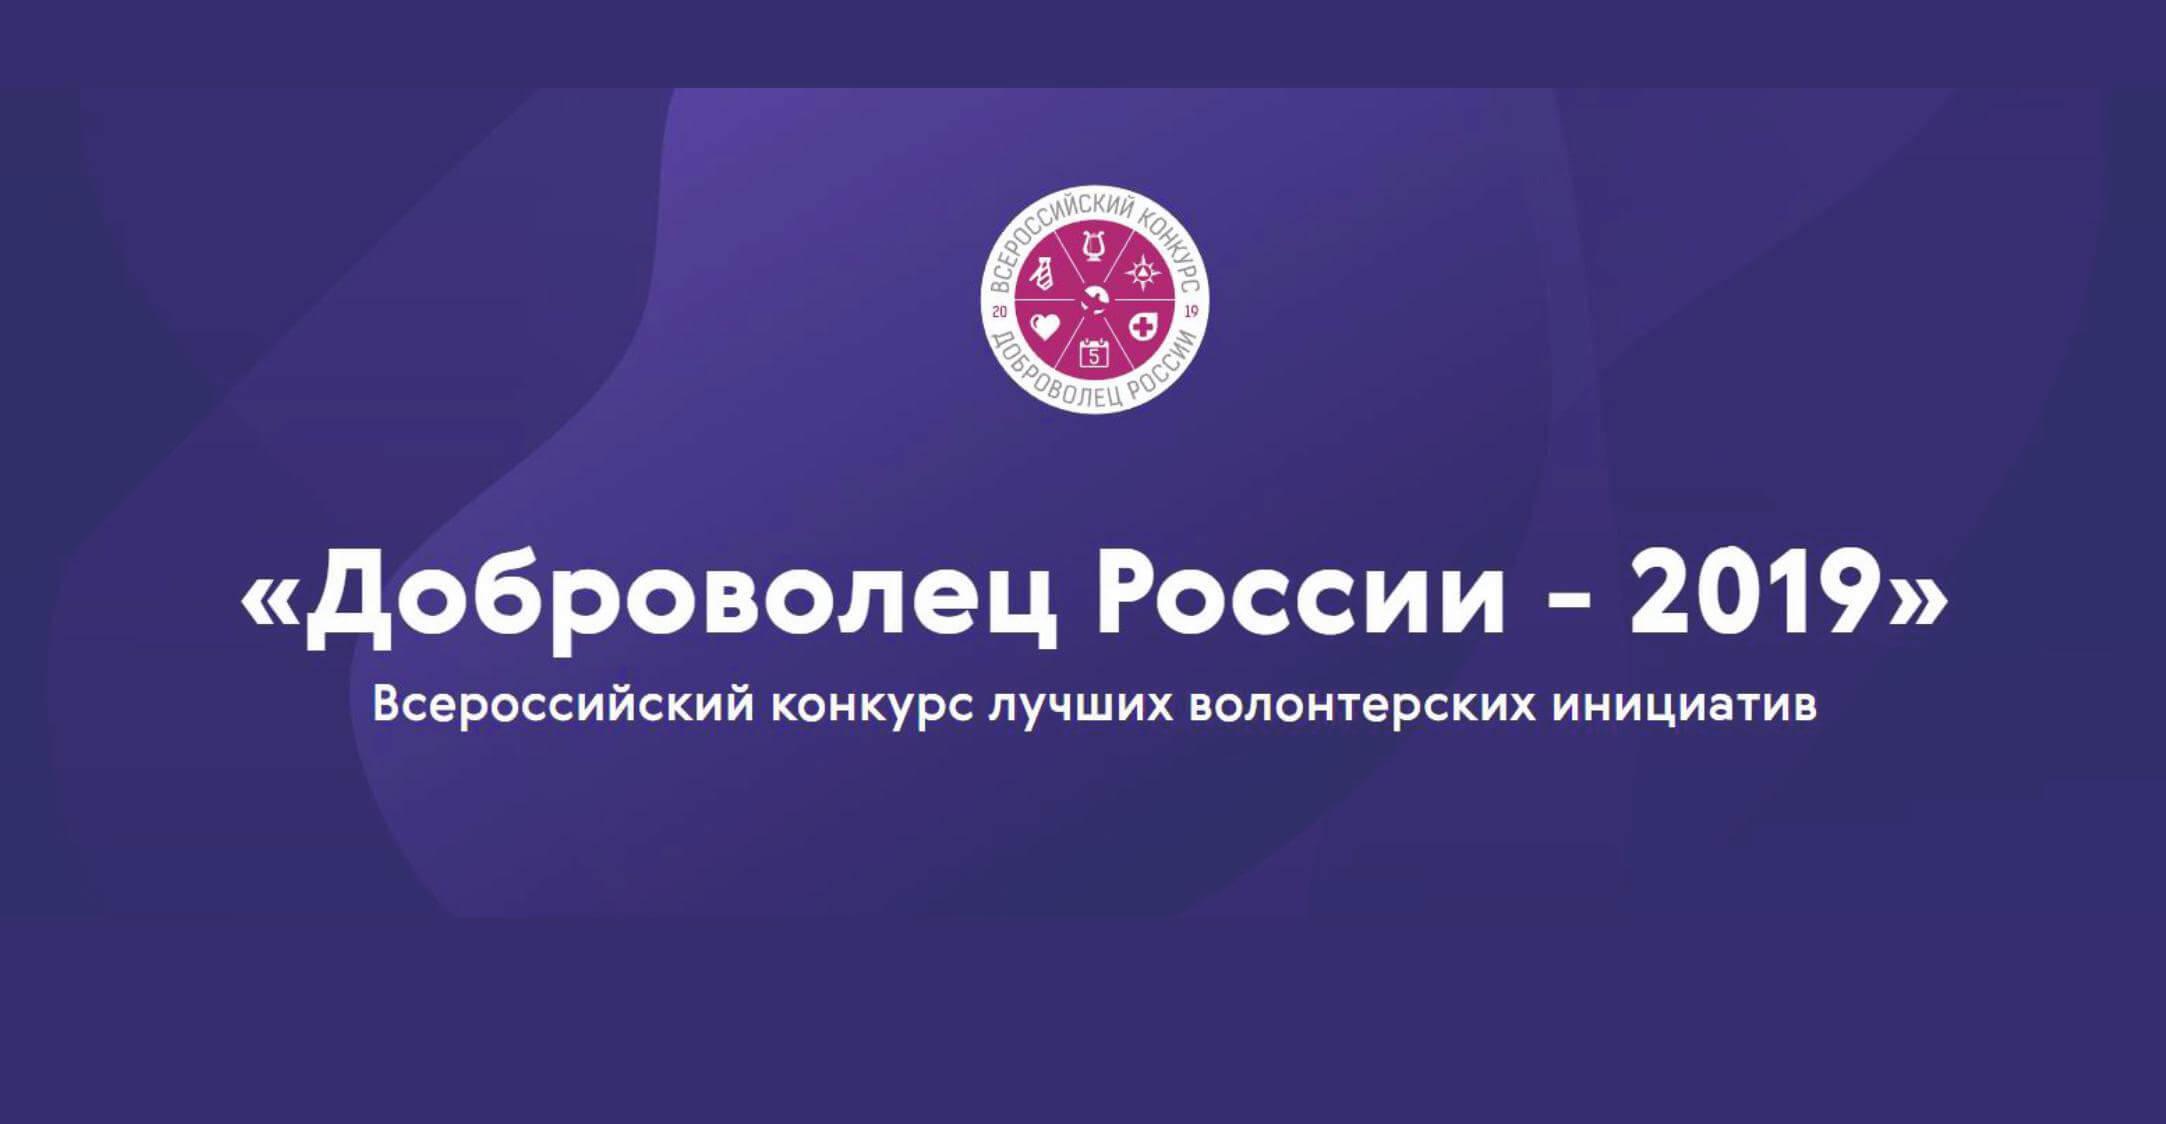 Эксперты конкурса «Доброволец России» из 60 субъектов РФ